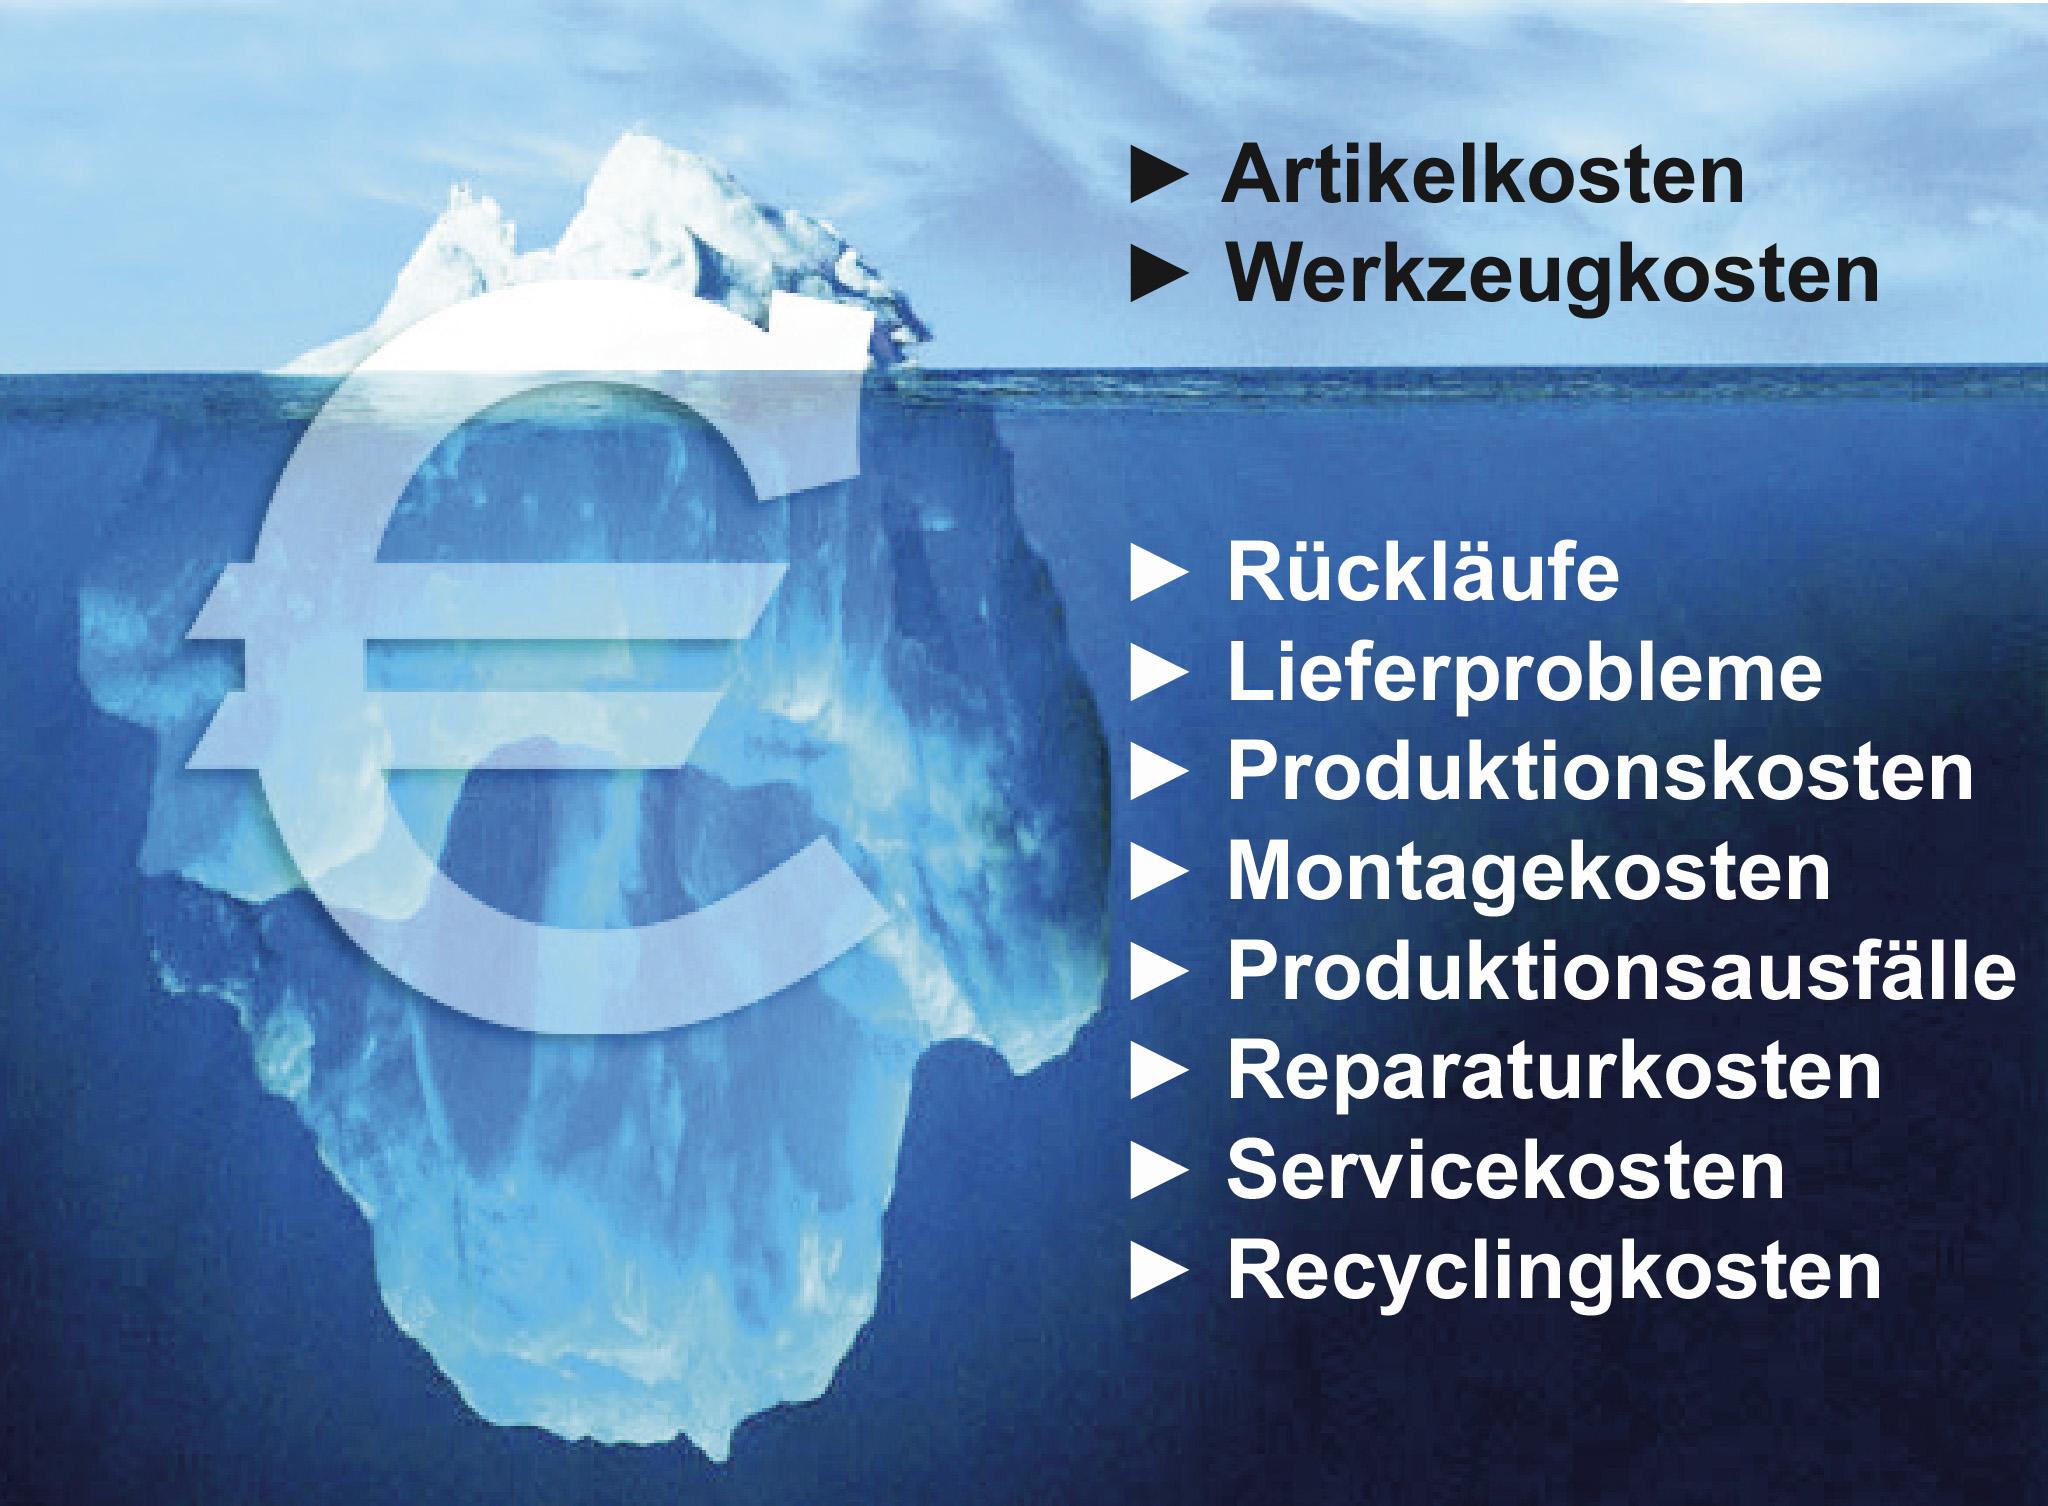 Eisbergmodell zur Analyse sichtbarer und nicht-sichtbarer Kosten